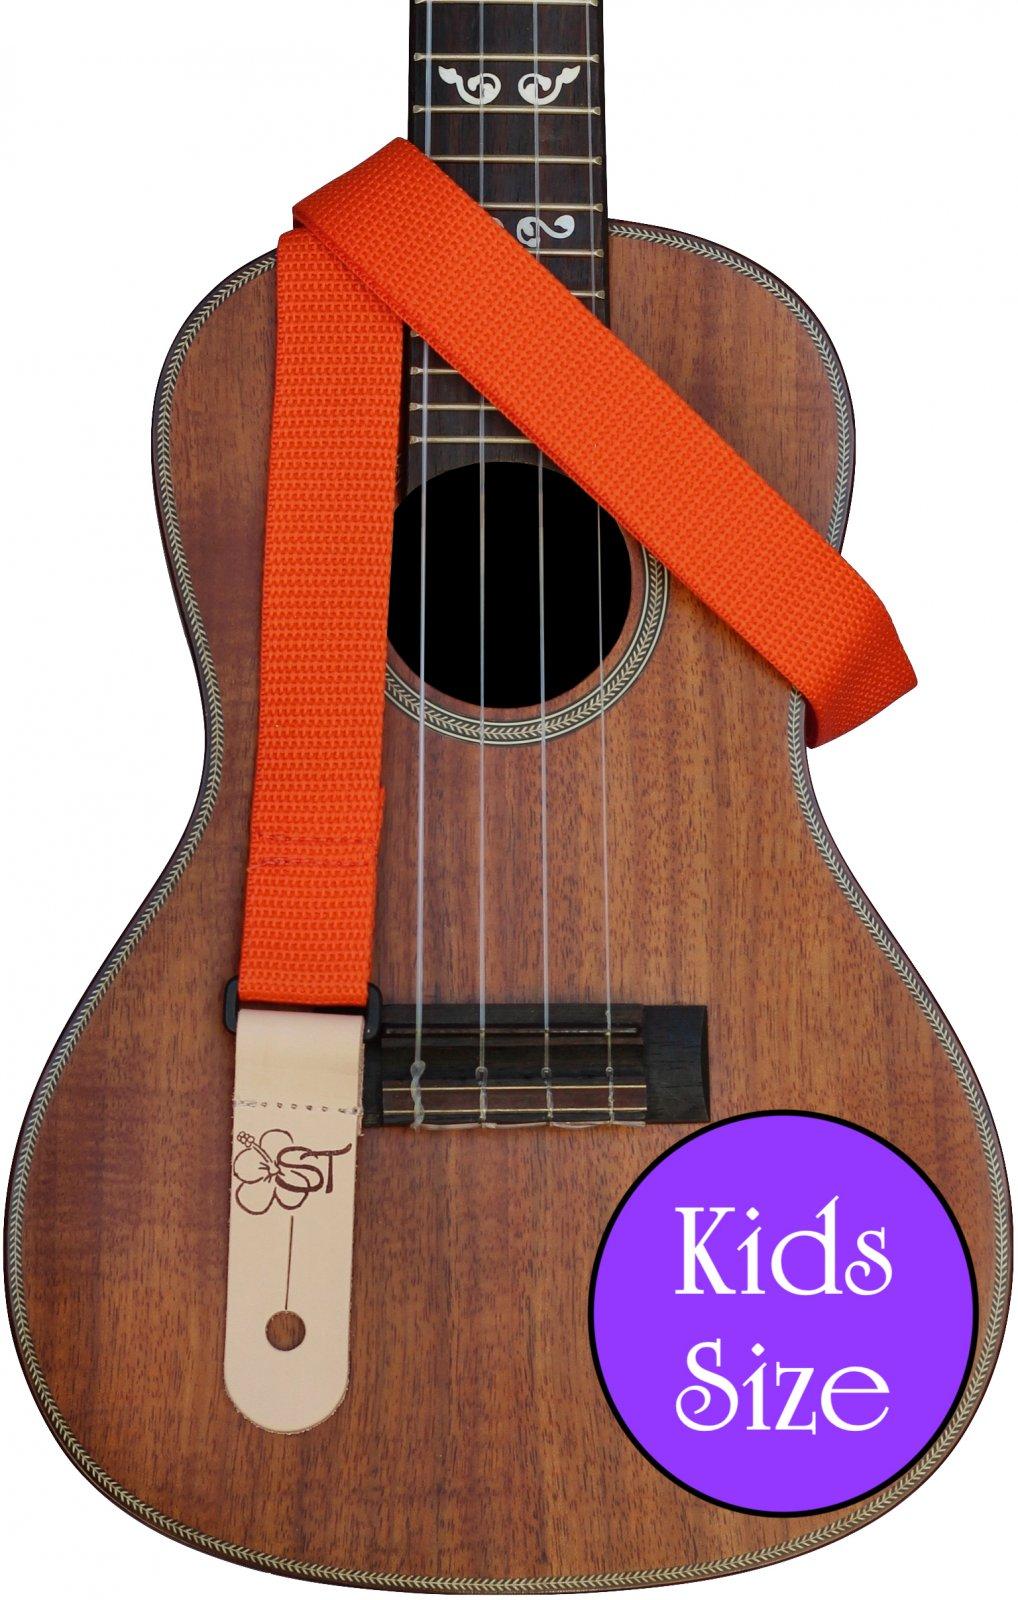 Sherrin's Threads 1 Poly Kids Ukulele Strap - Orange